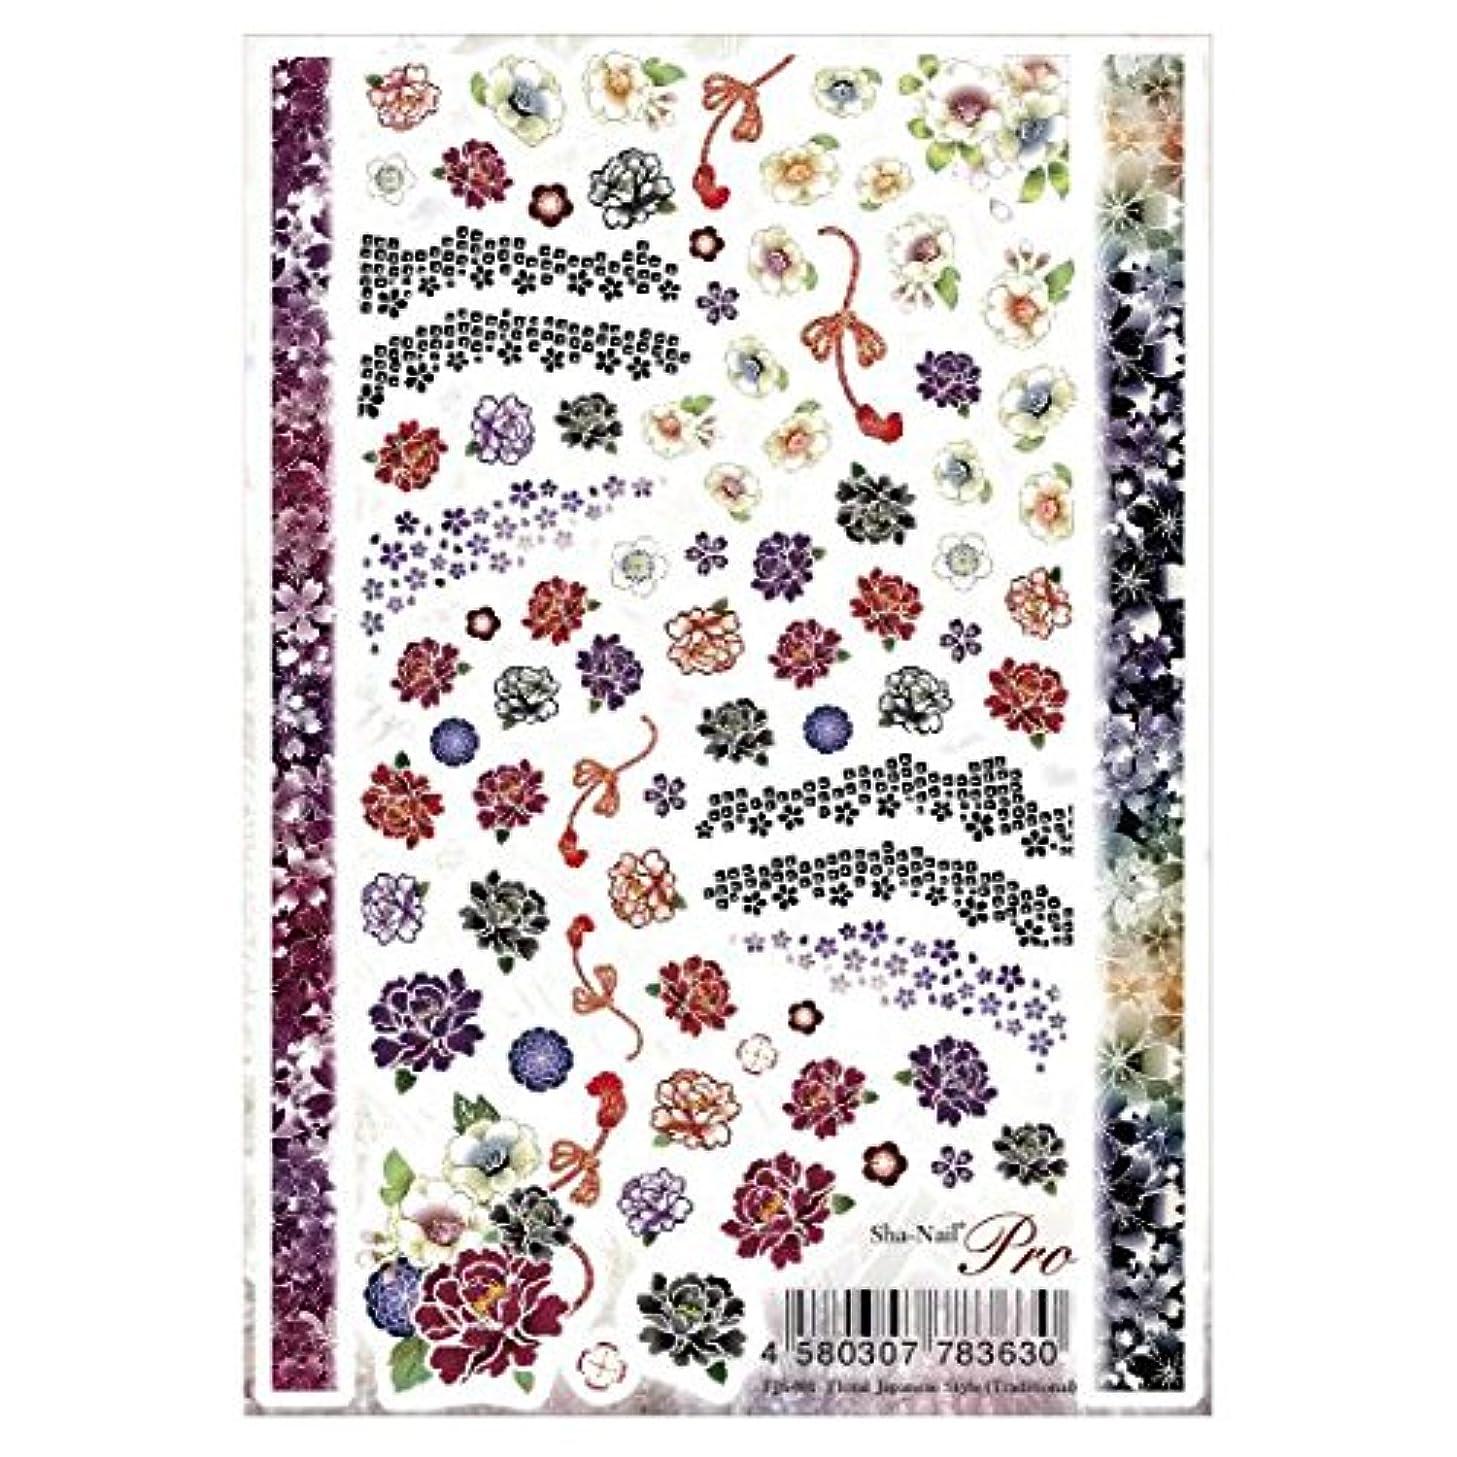 ステレオライトニング変装した写ネイルプロ ネイルシール 和の花 トラディショナル アート材